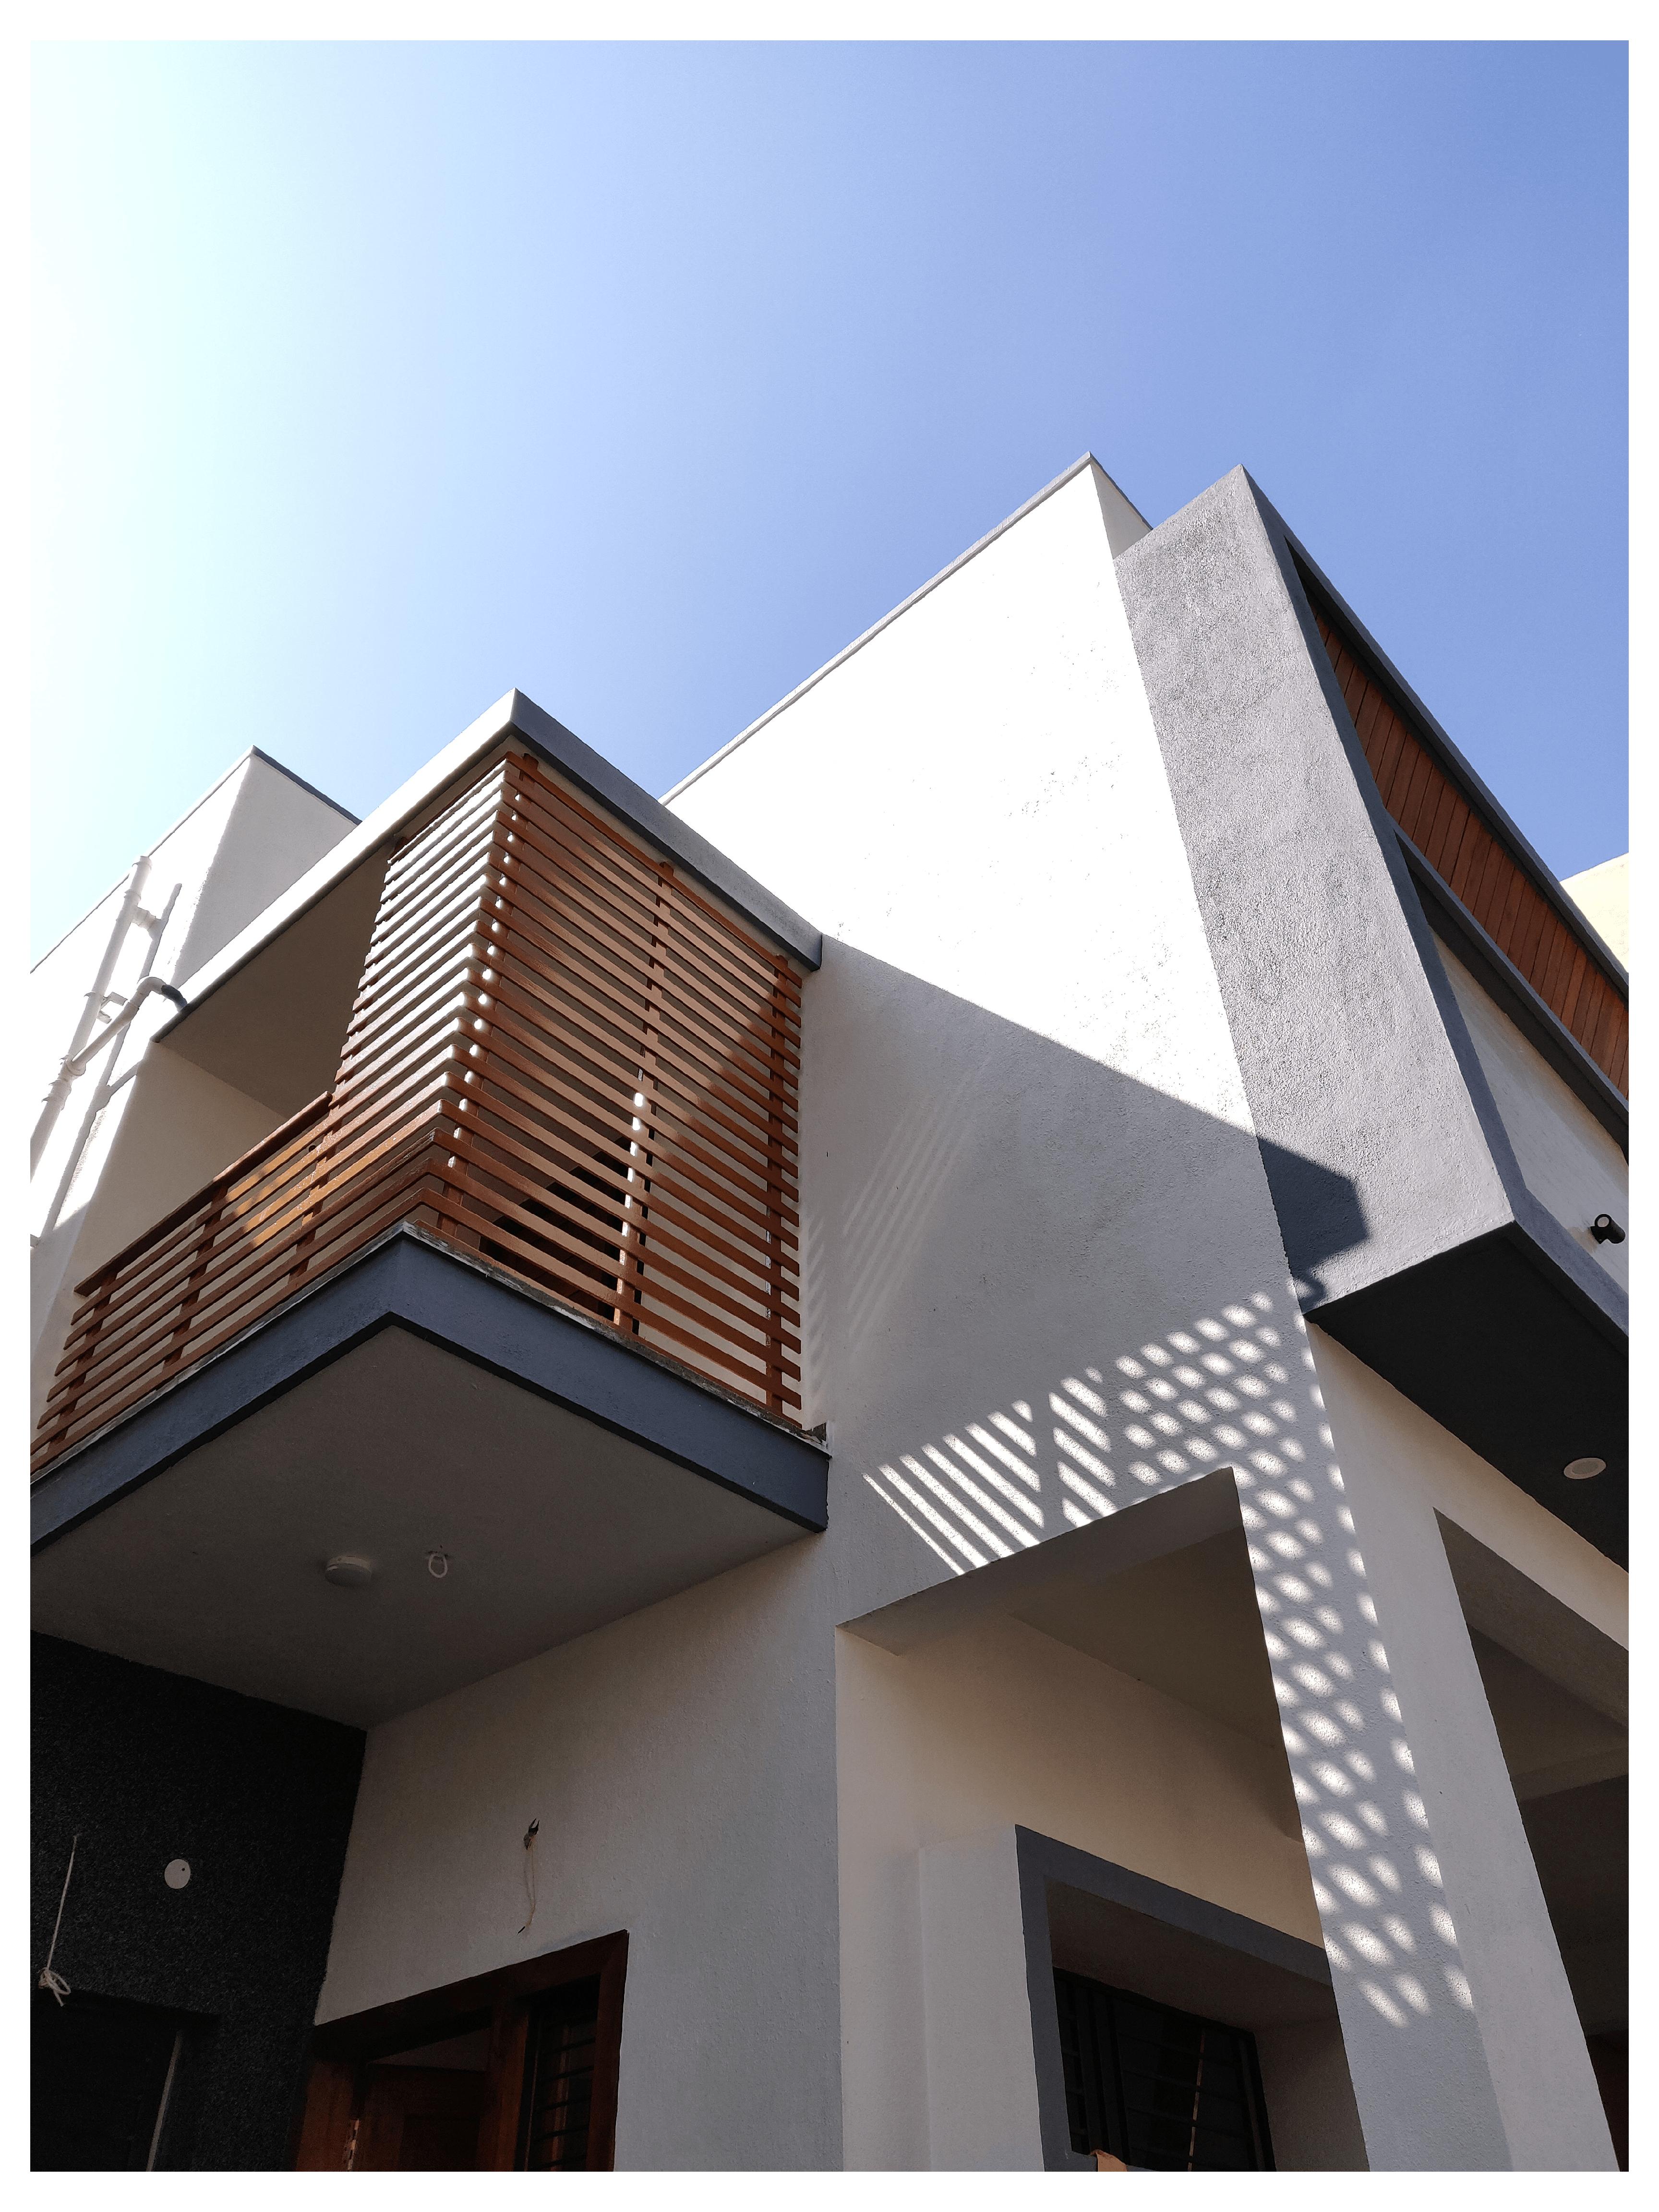 /ángulo de centrado para materiales redondos y rectangulares herramienta de giro de torre medidor de l/ínea puntero de centrado los corazones profesionales Ardentity Centre Finder